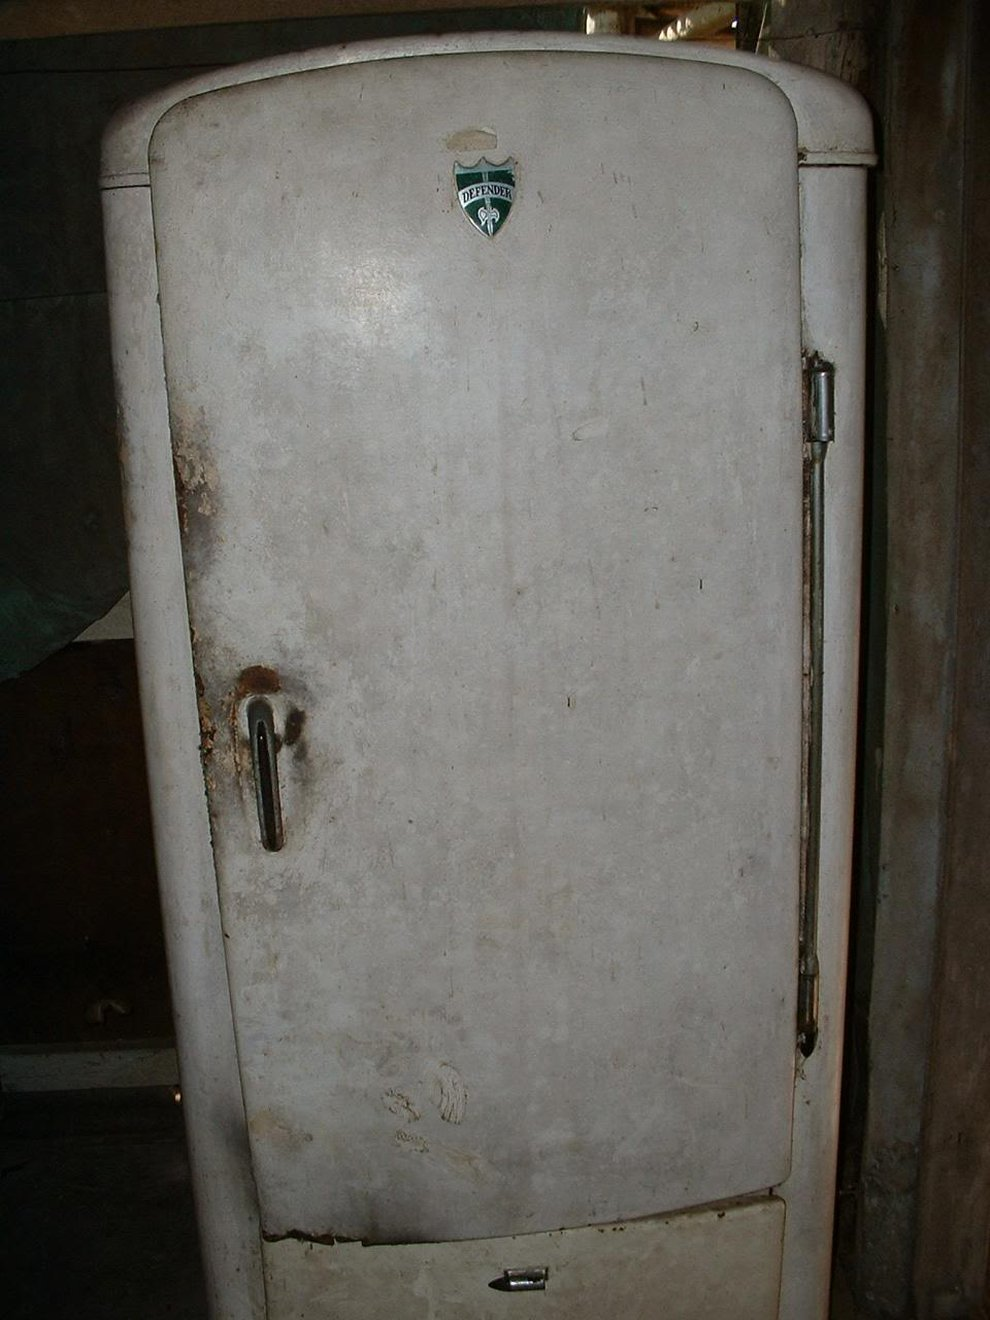 Подержанный холодильник